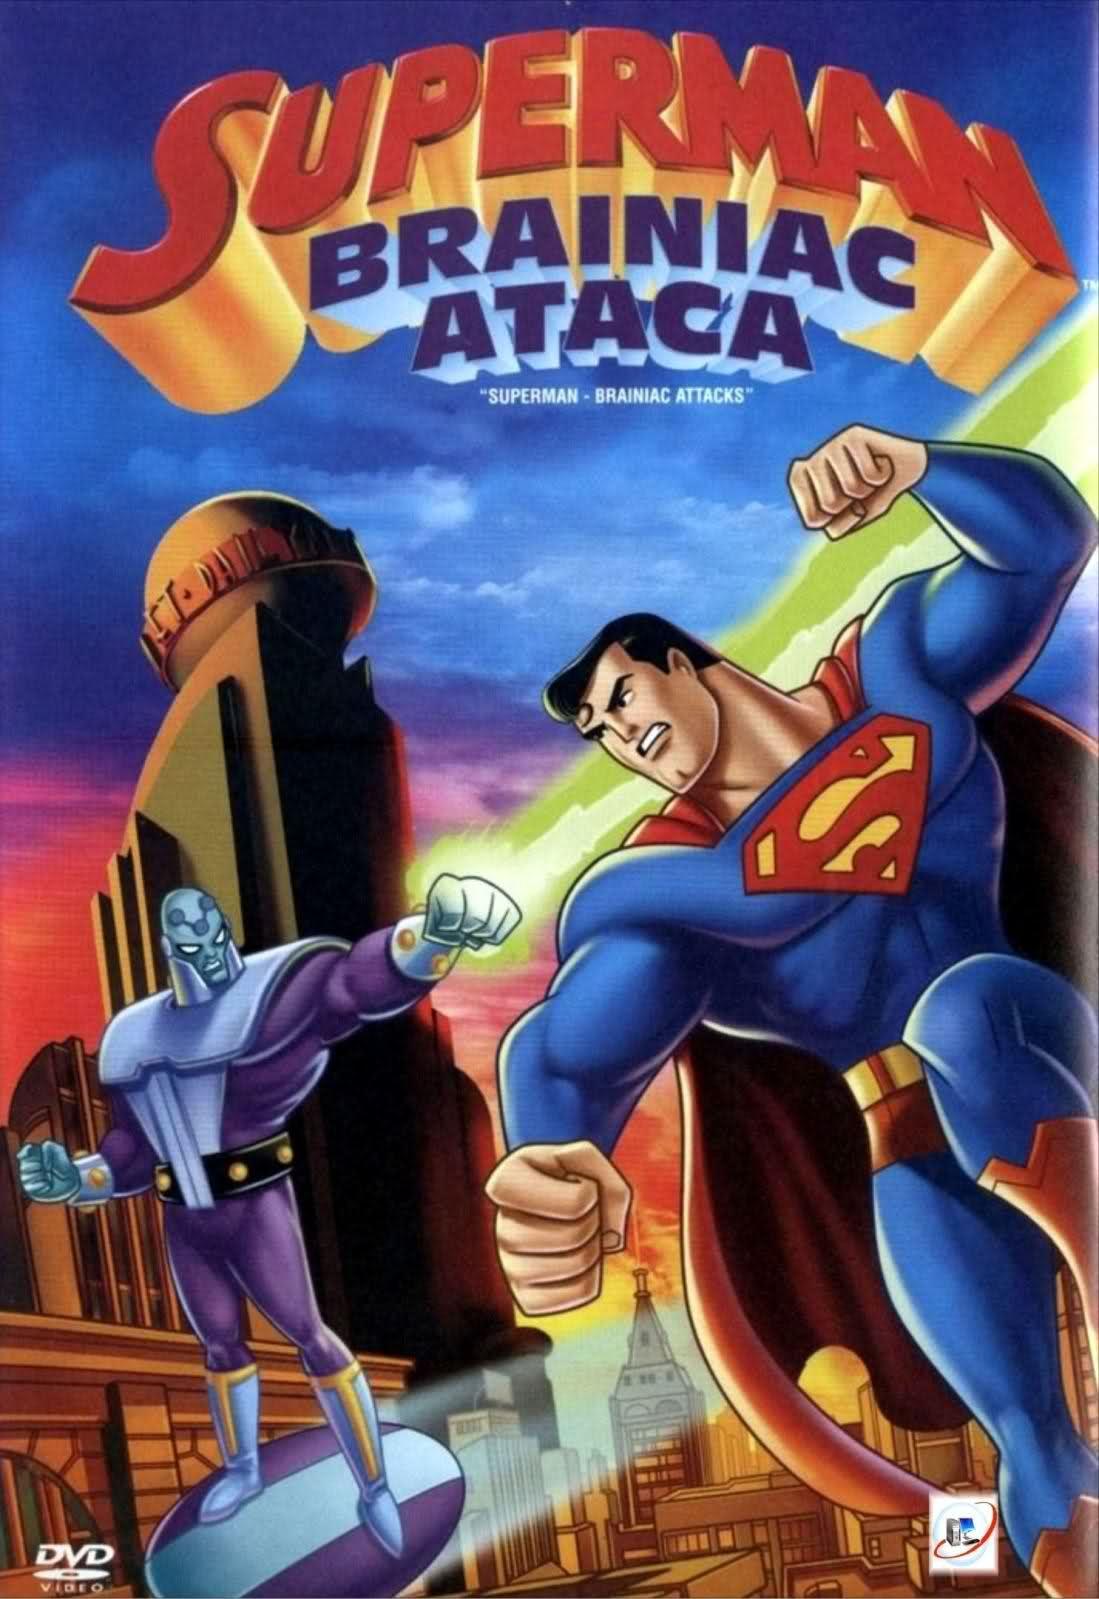 Superman Brainiac Ataca Online Em Hd No Netcine Superhomem